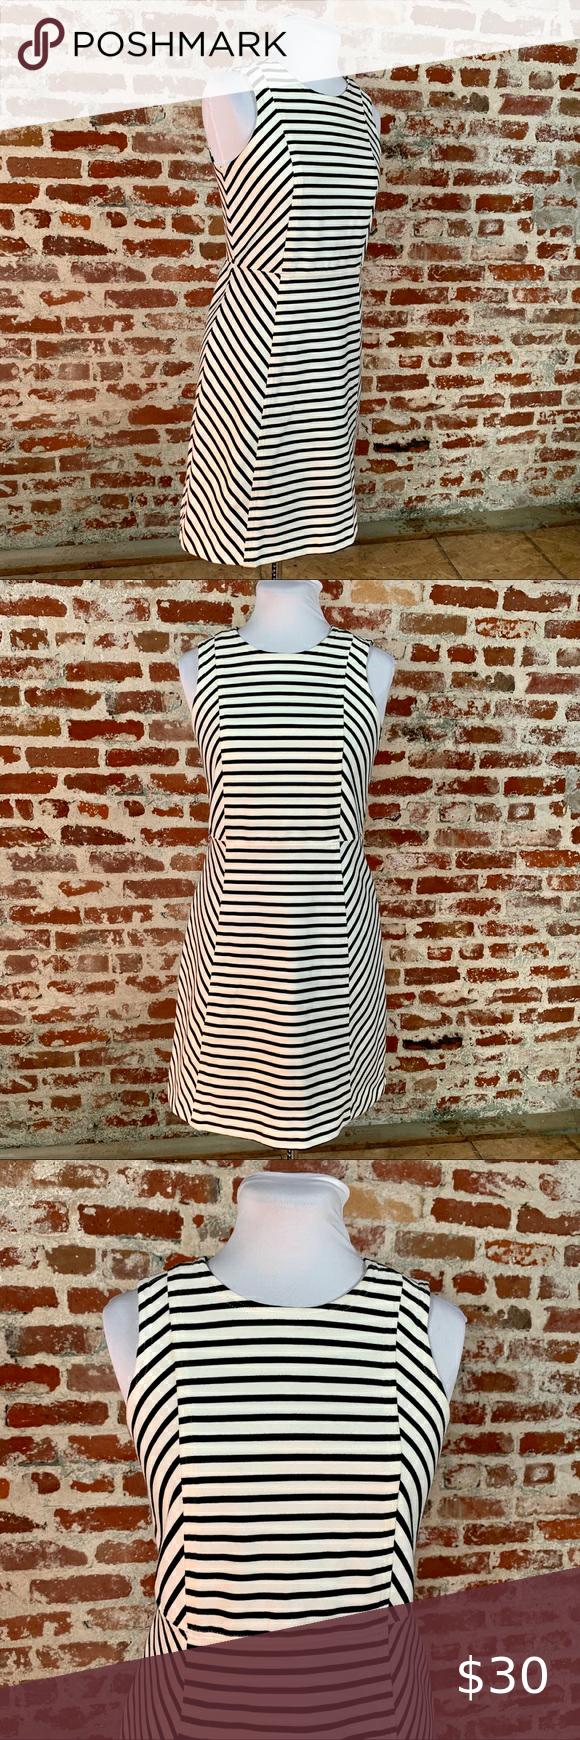 Thick Knit Black And White Chevron Stripe Dress 2p In 2021 Striped Knit Dress White Cocktail Dress Teal Green Dress [ 1740 x 580 Pixel ]